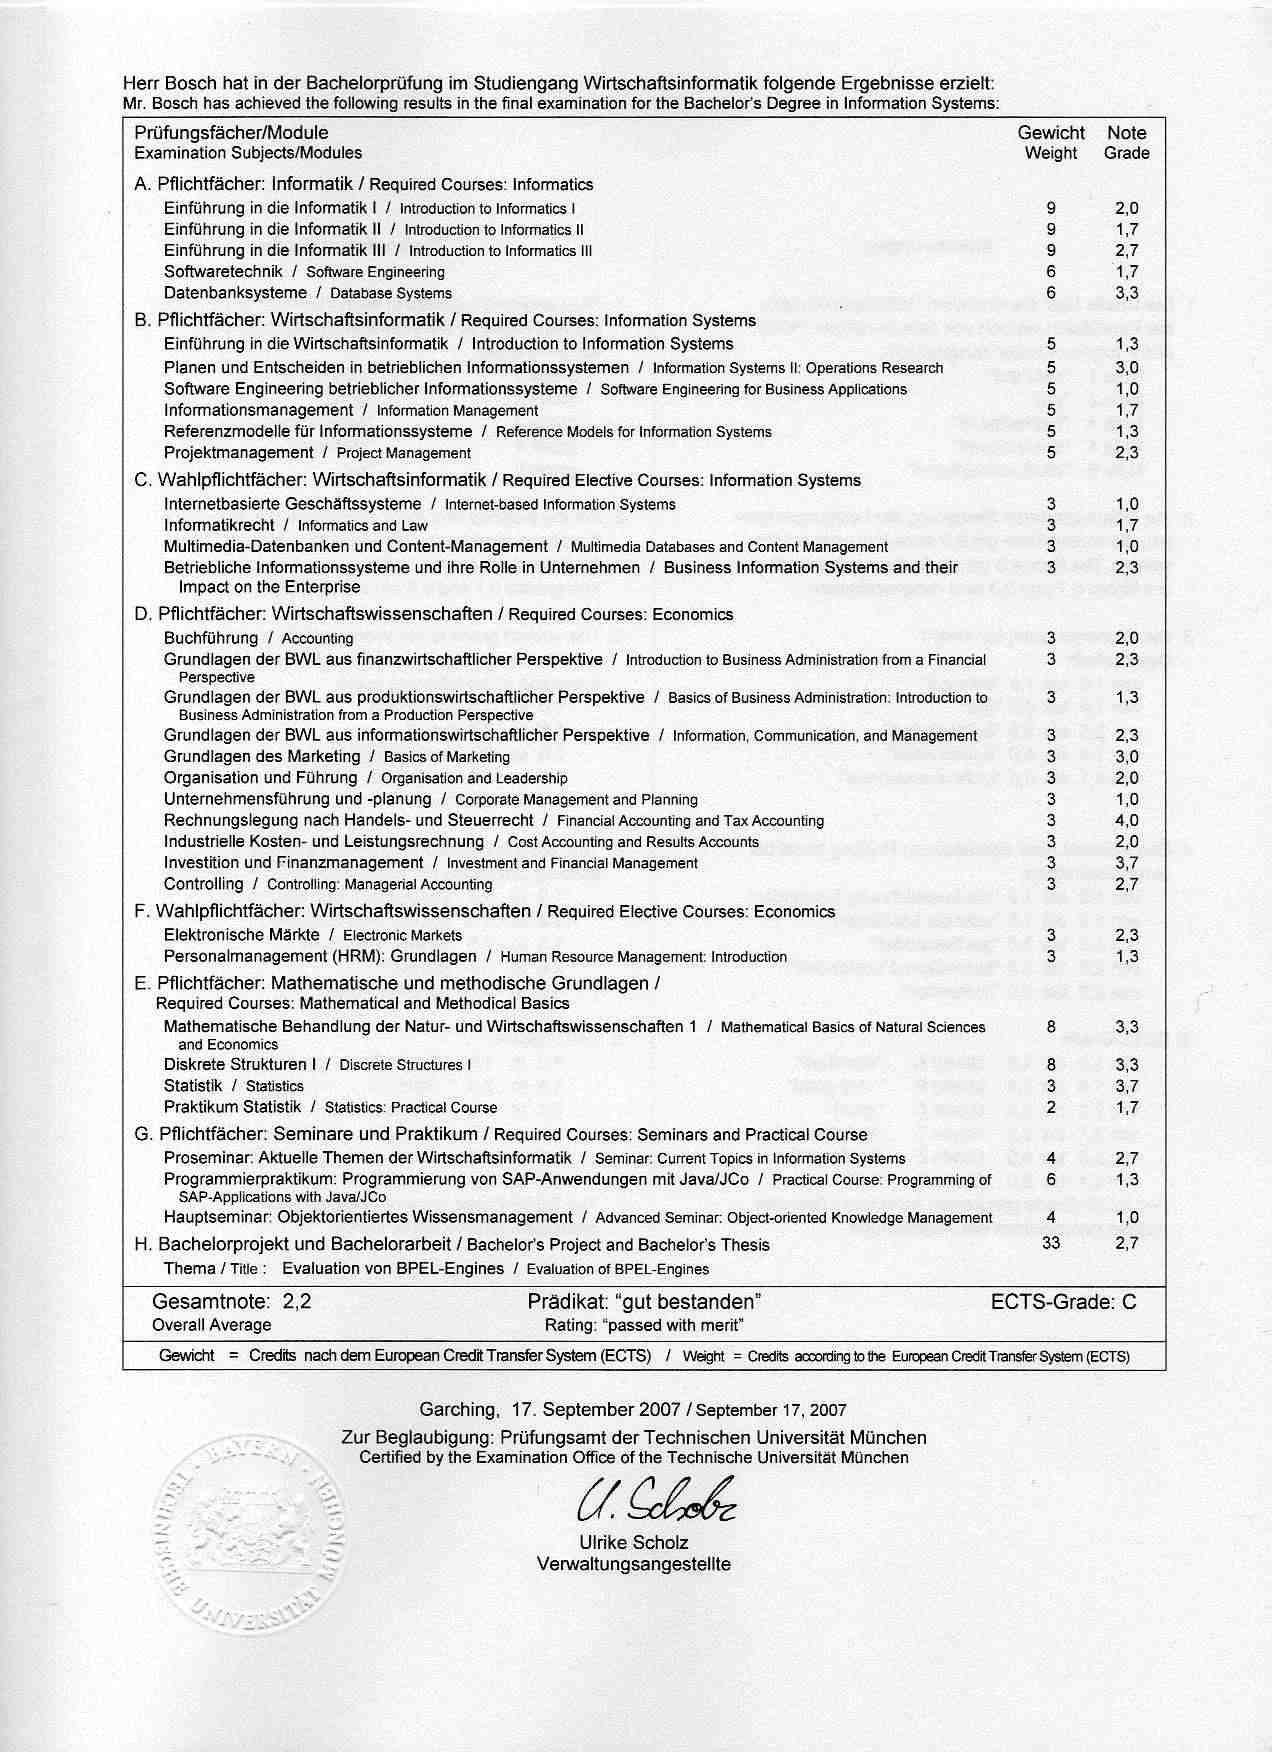 Gesamtnote der Dissertation - Promovieren in Deutschland - Hochschulkompass